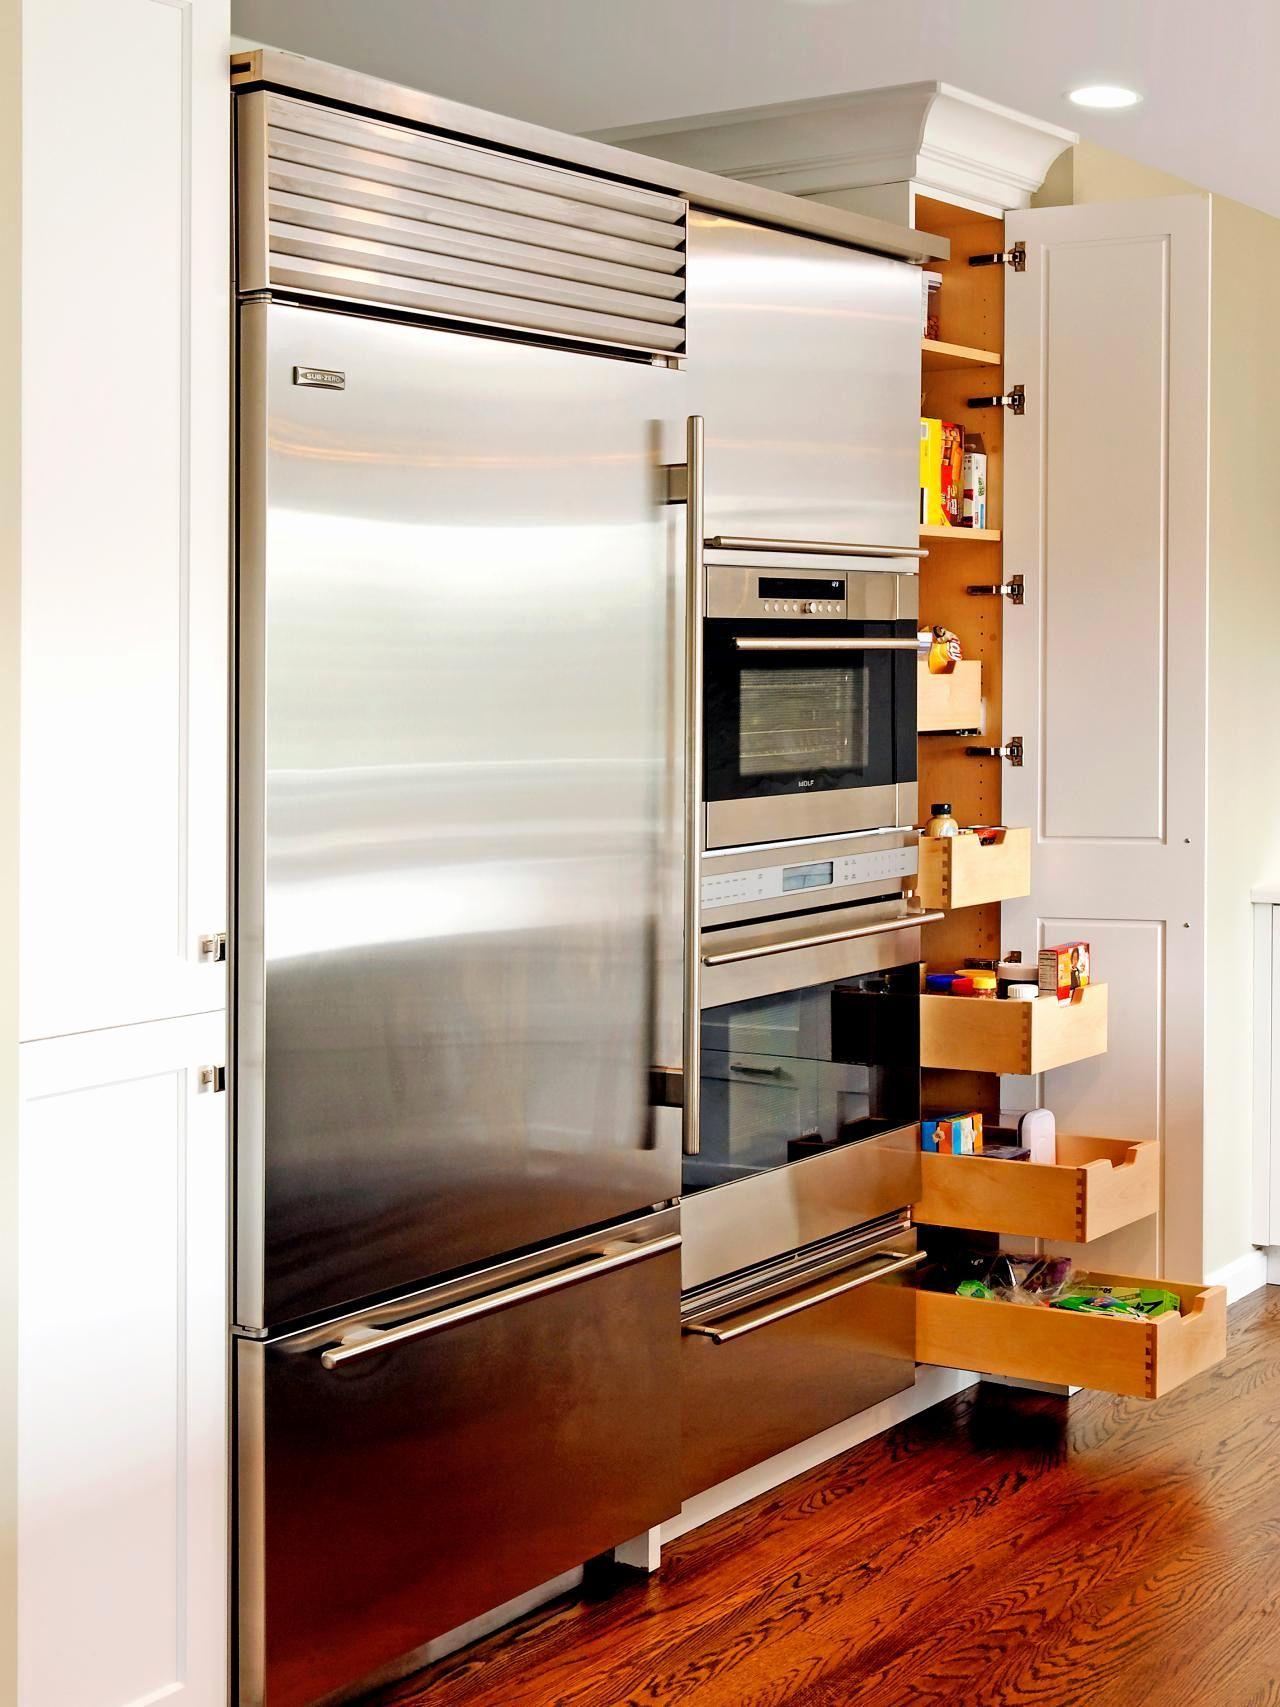 Small Kitchen Appliance Storage Ideas Unique Storage ...